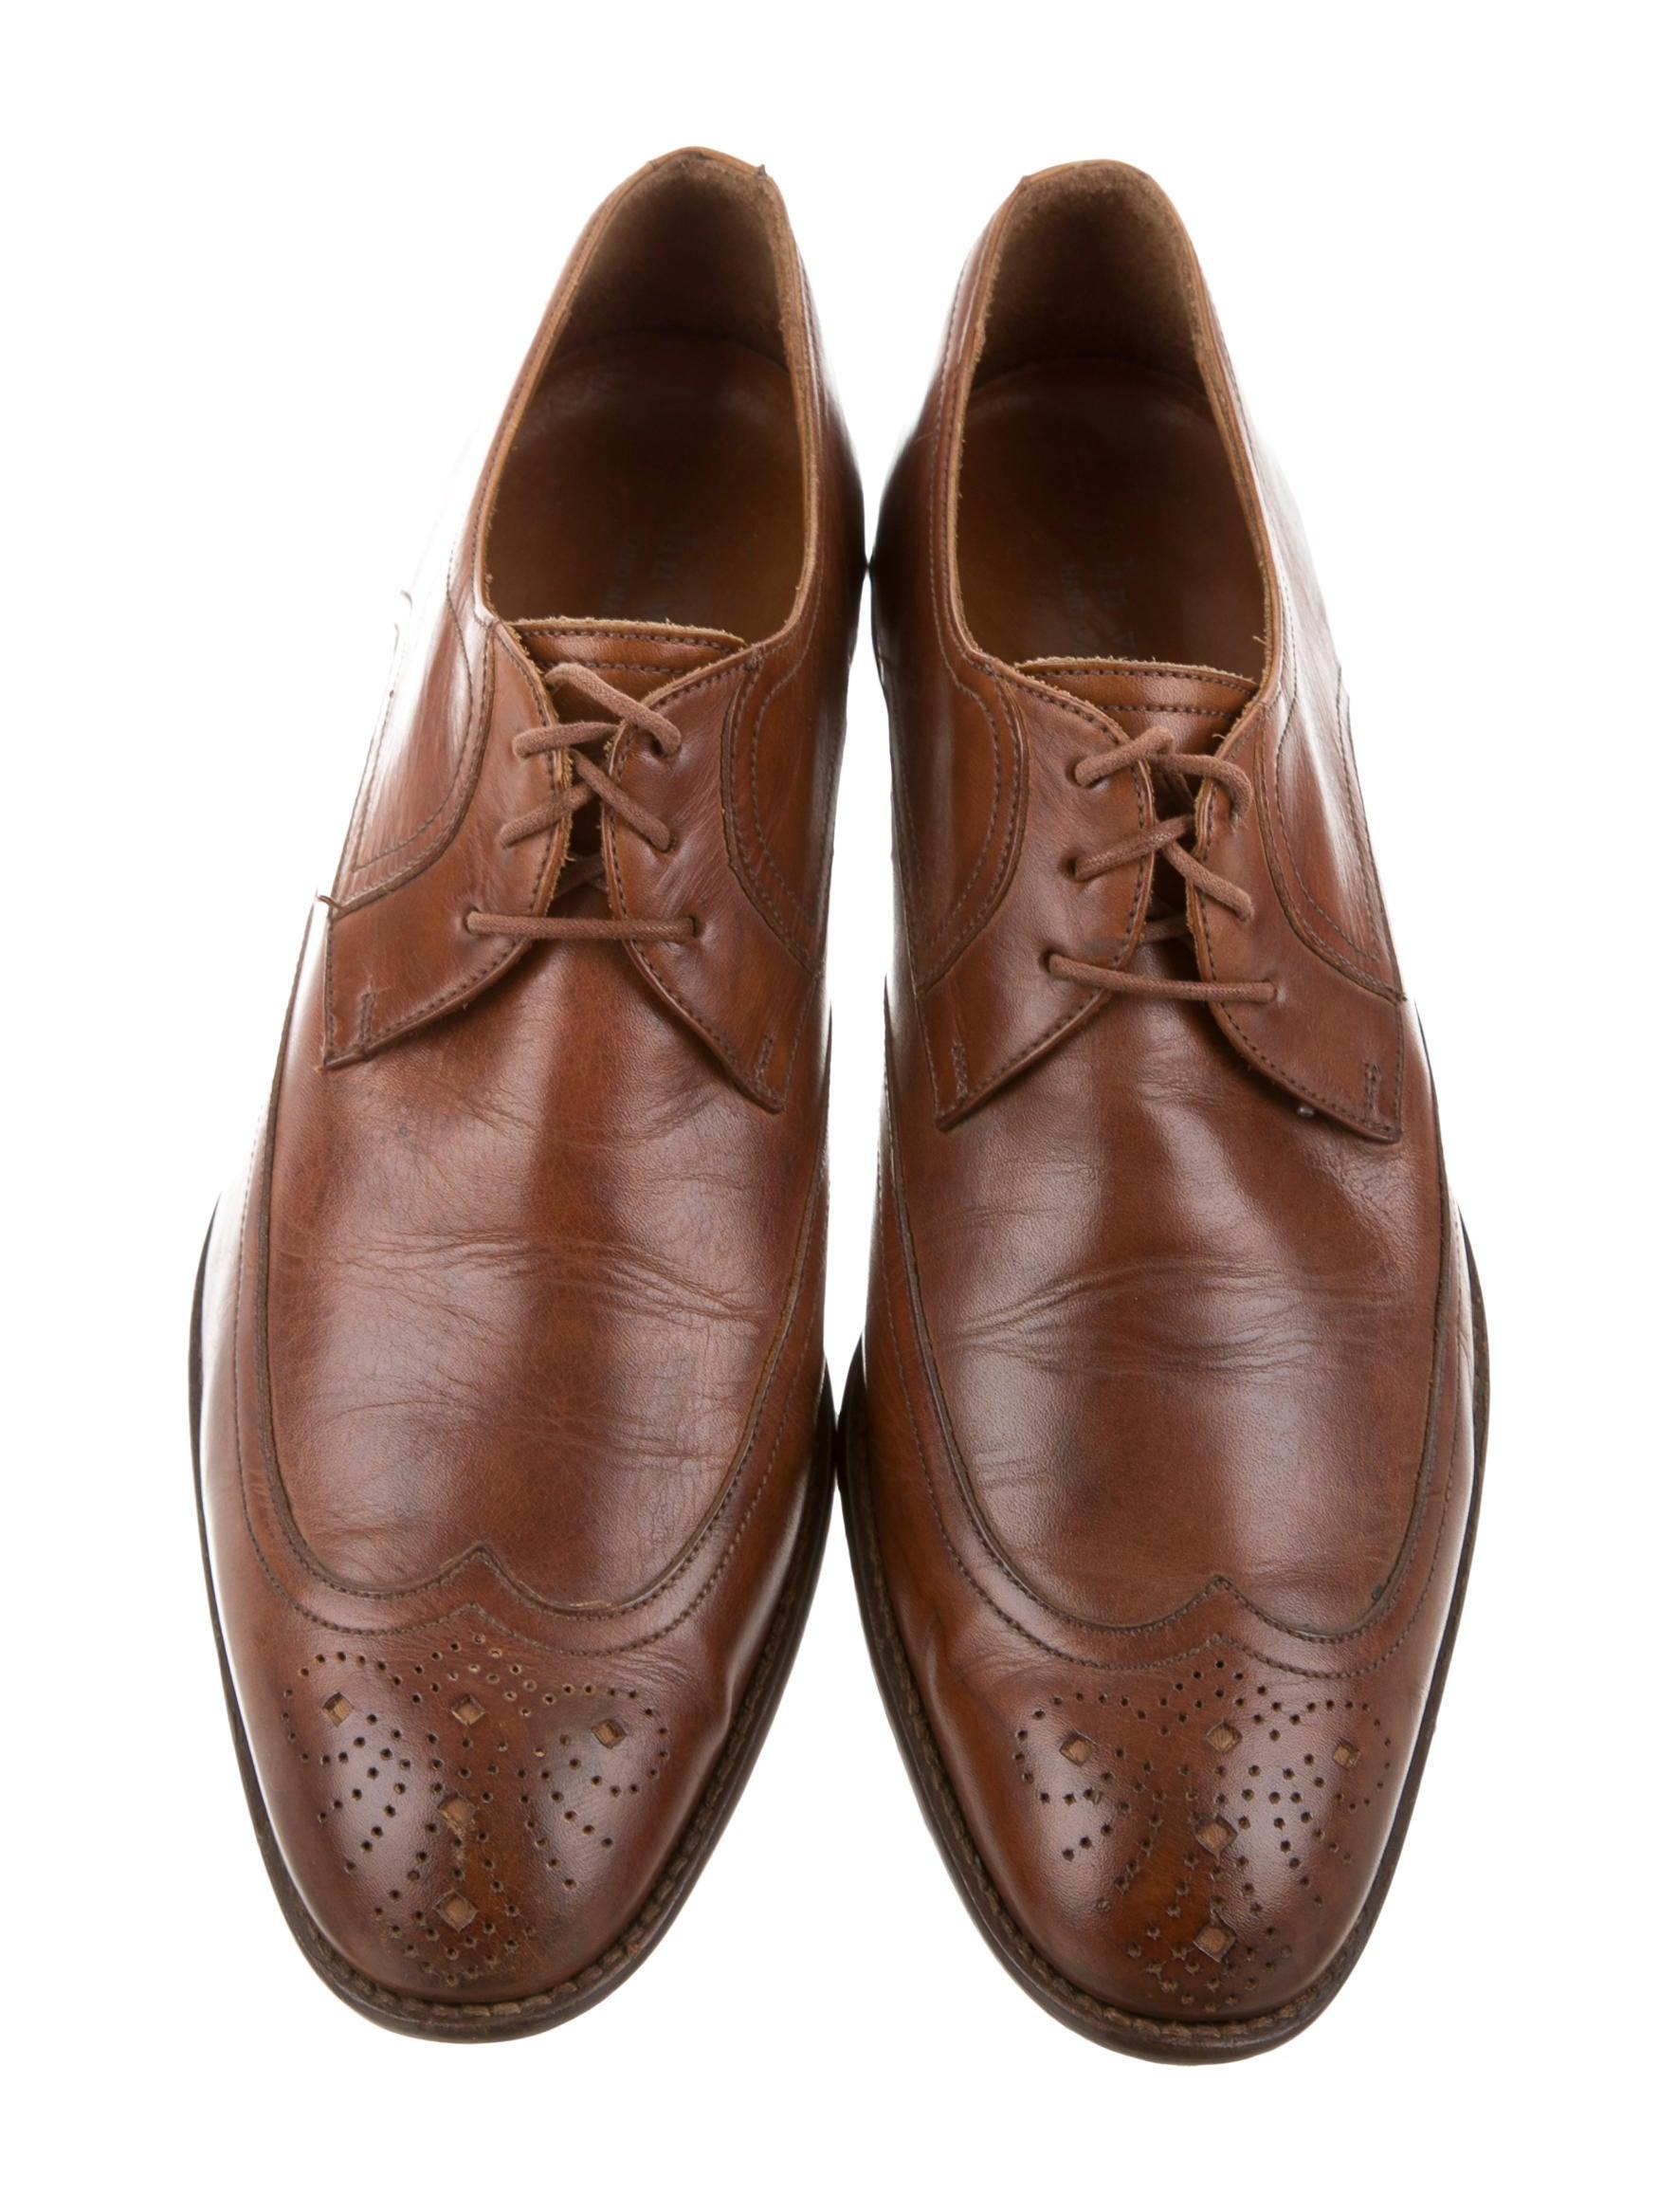 John Varvatos Shoes Sale